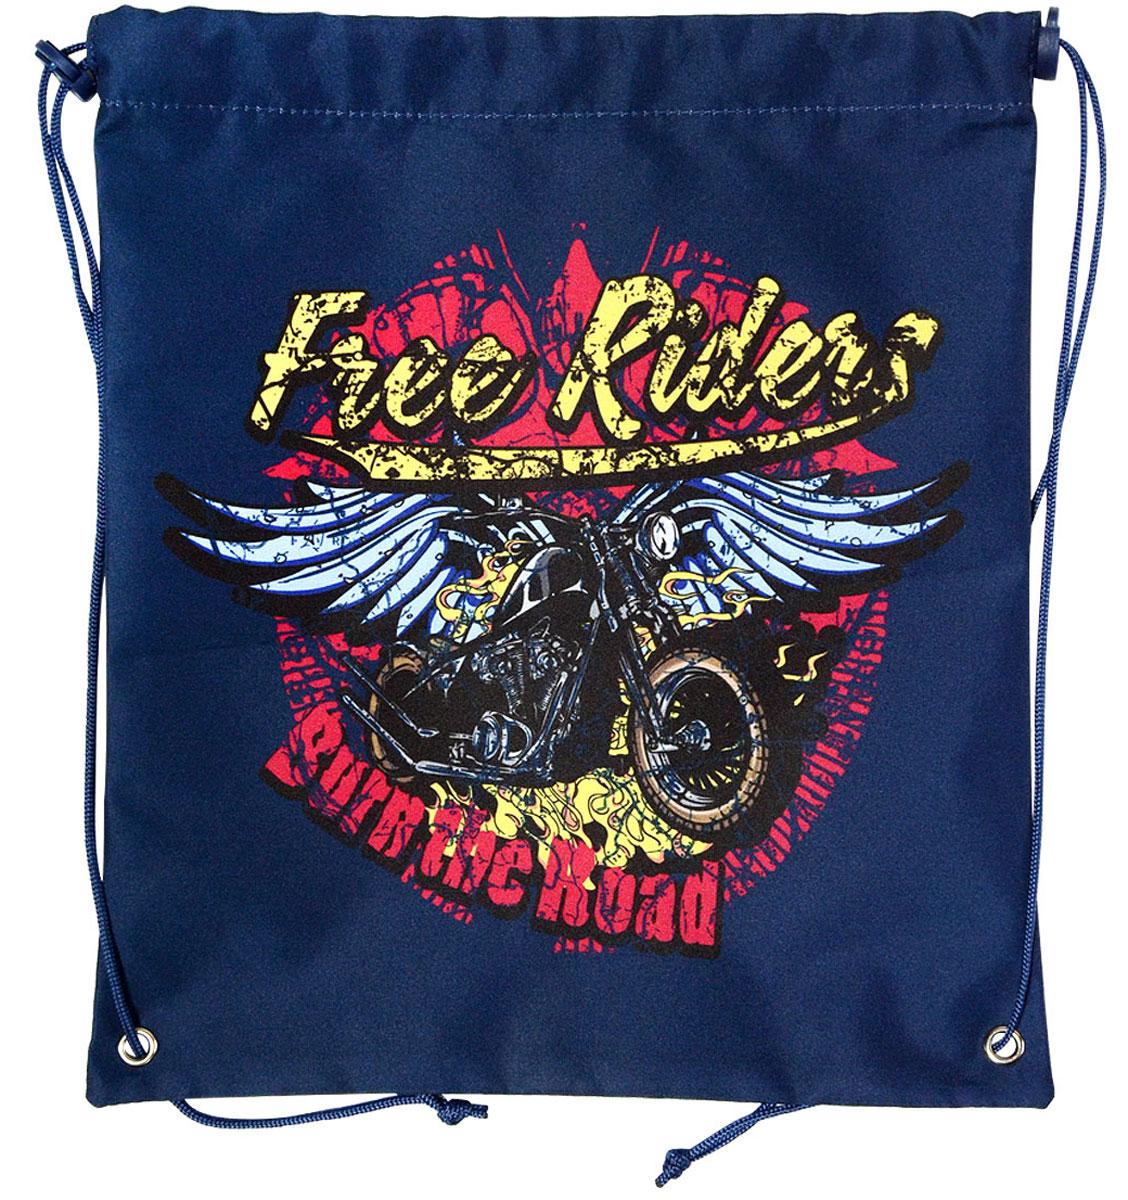 Action! Сумка для сменной обуви Action by Tiger Free Riders Мотоцикл с крыльями цвет синий цена и фото